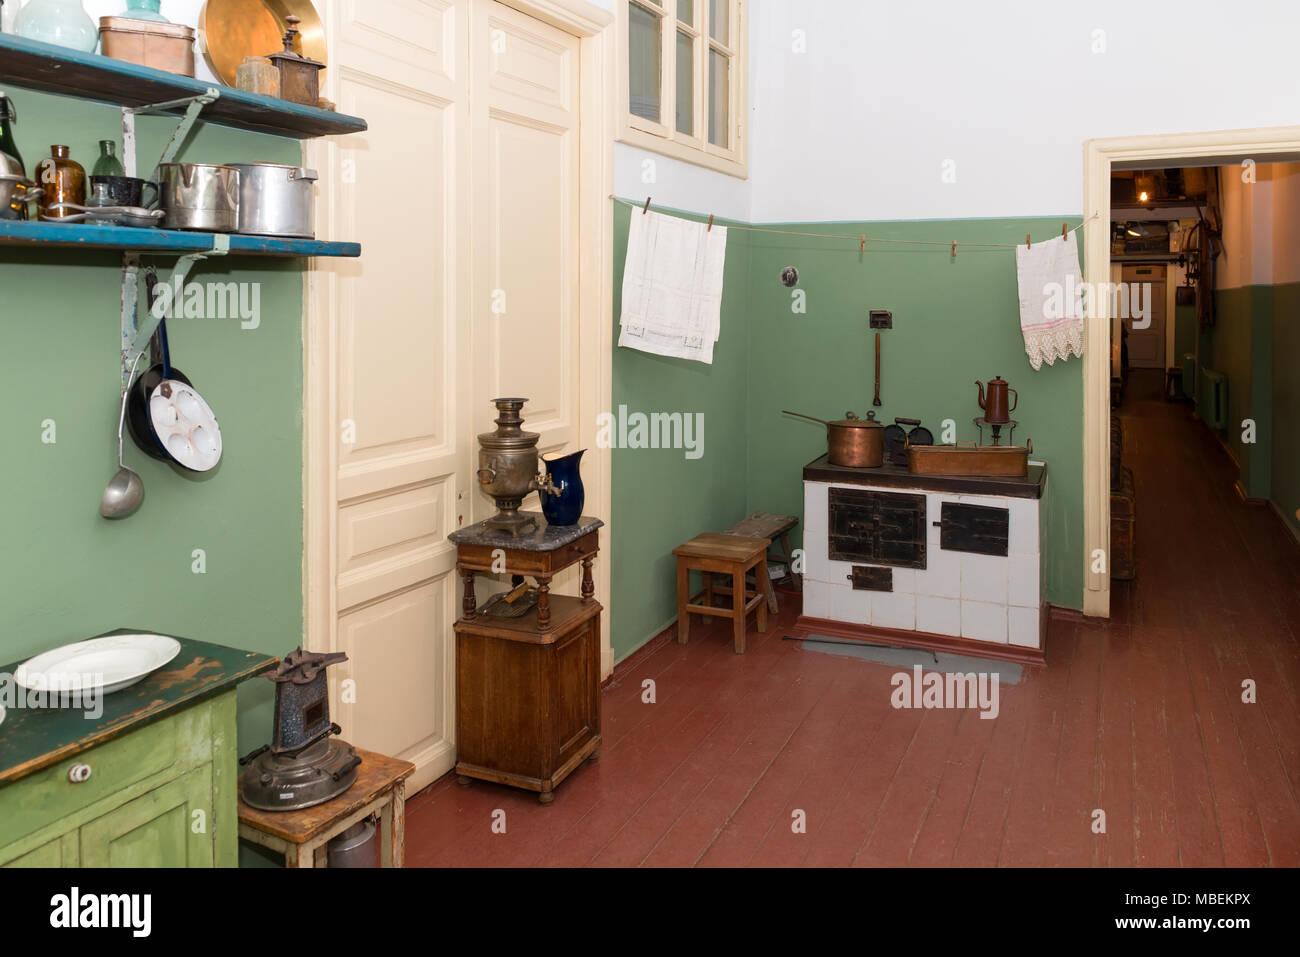 Ungewöhnlich Küche Bad Galerie Dubai Ideen - Ideen Für Die Küche ...